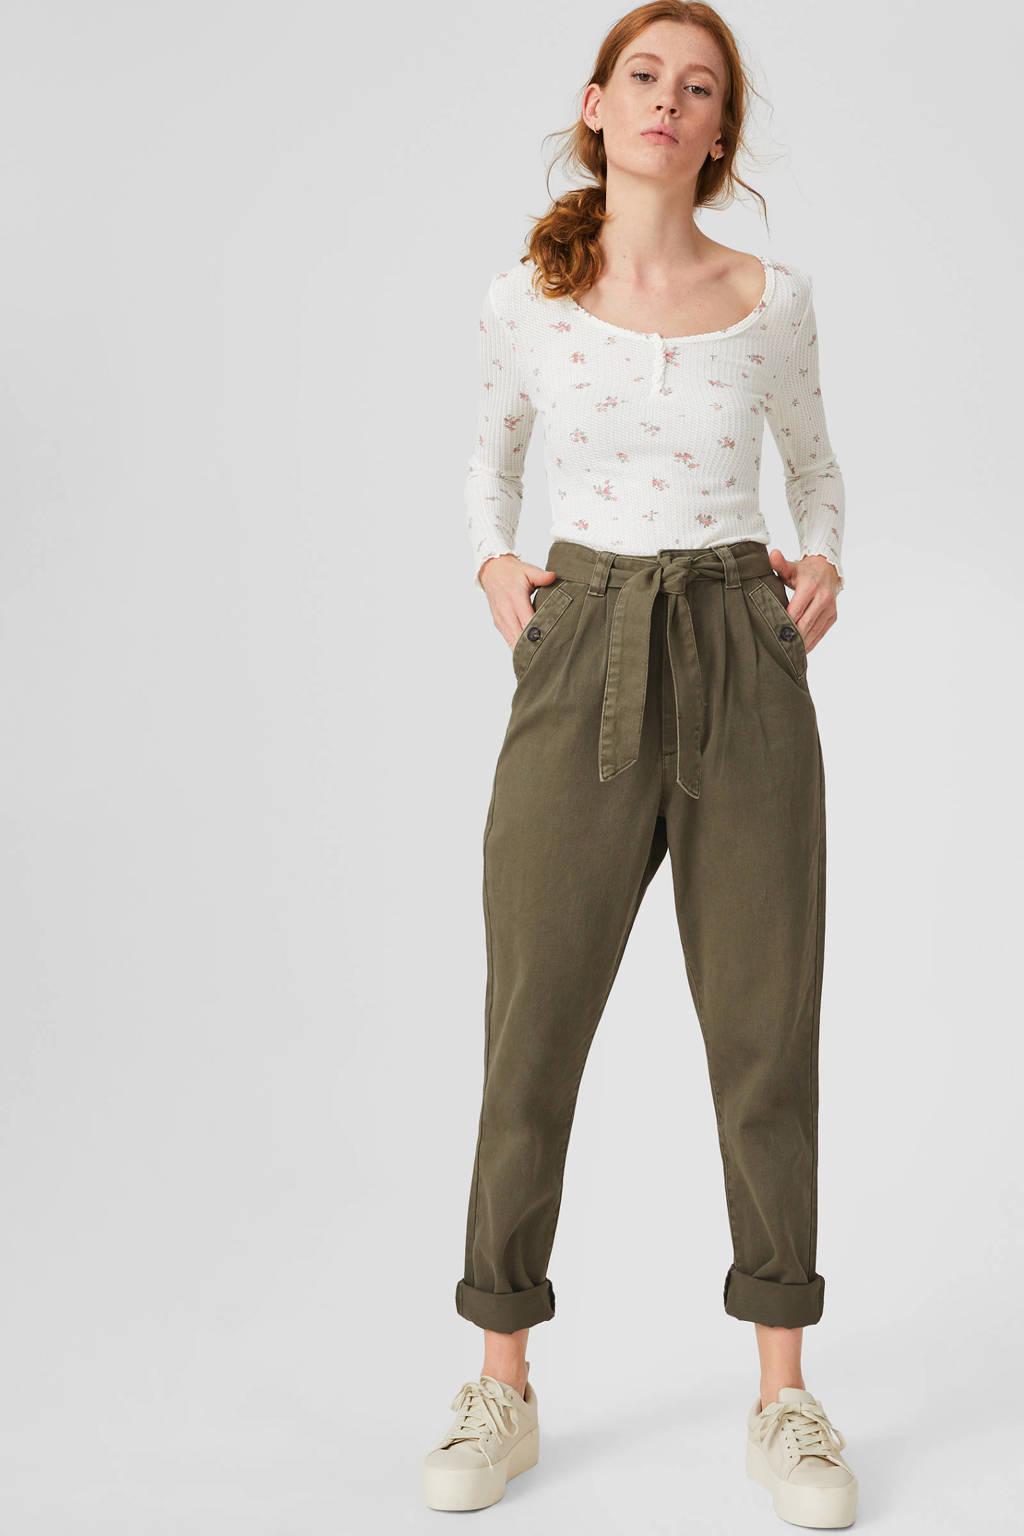 C&A Clockhouse high waist tapered fit broek olijfgroen, Olijfgroen